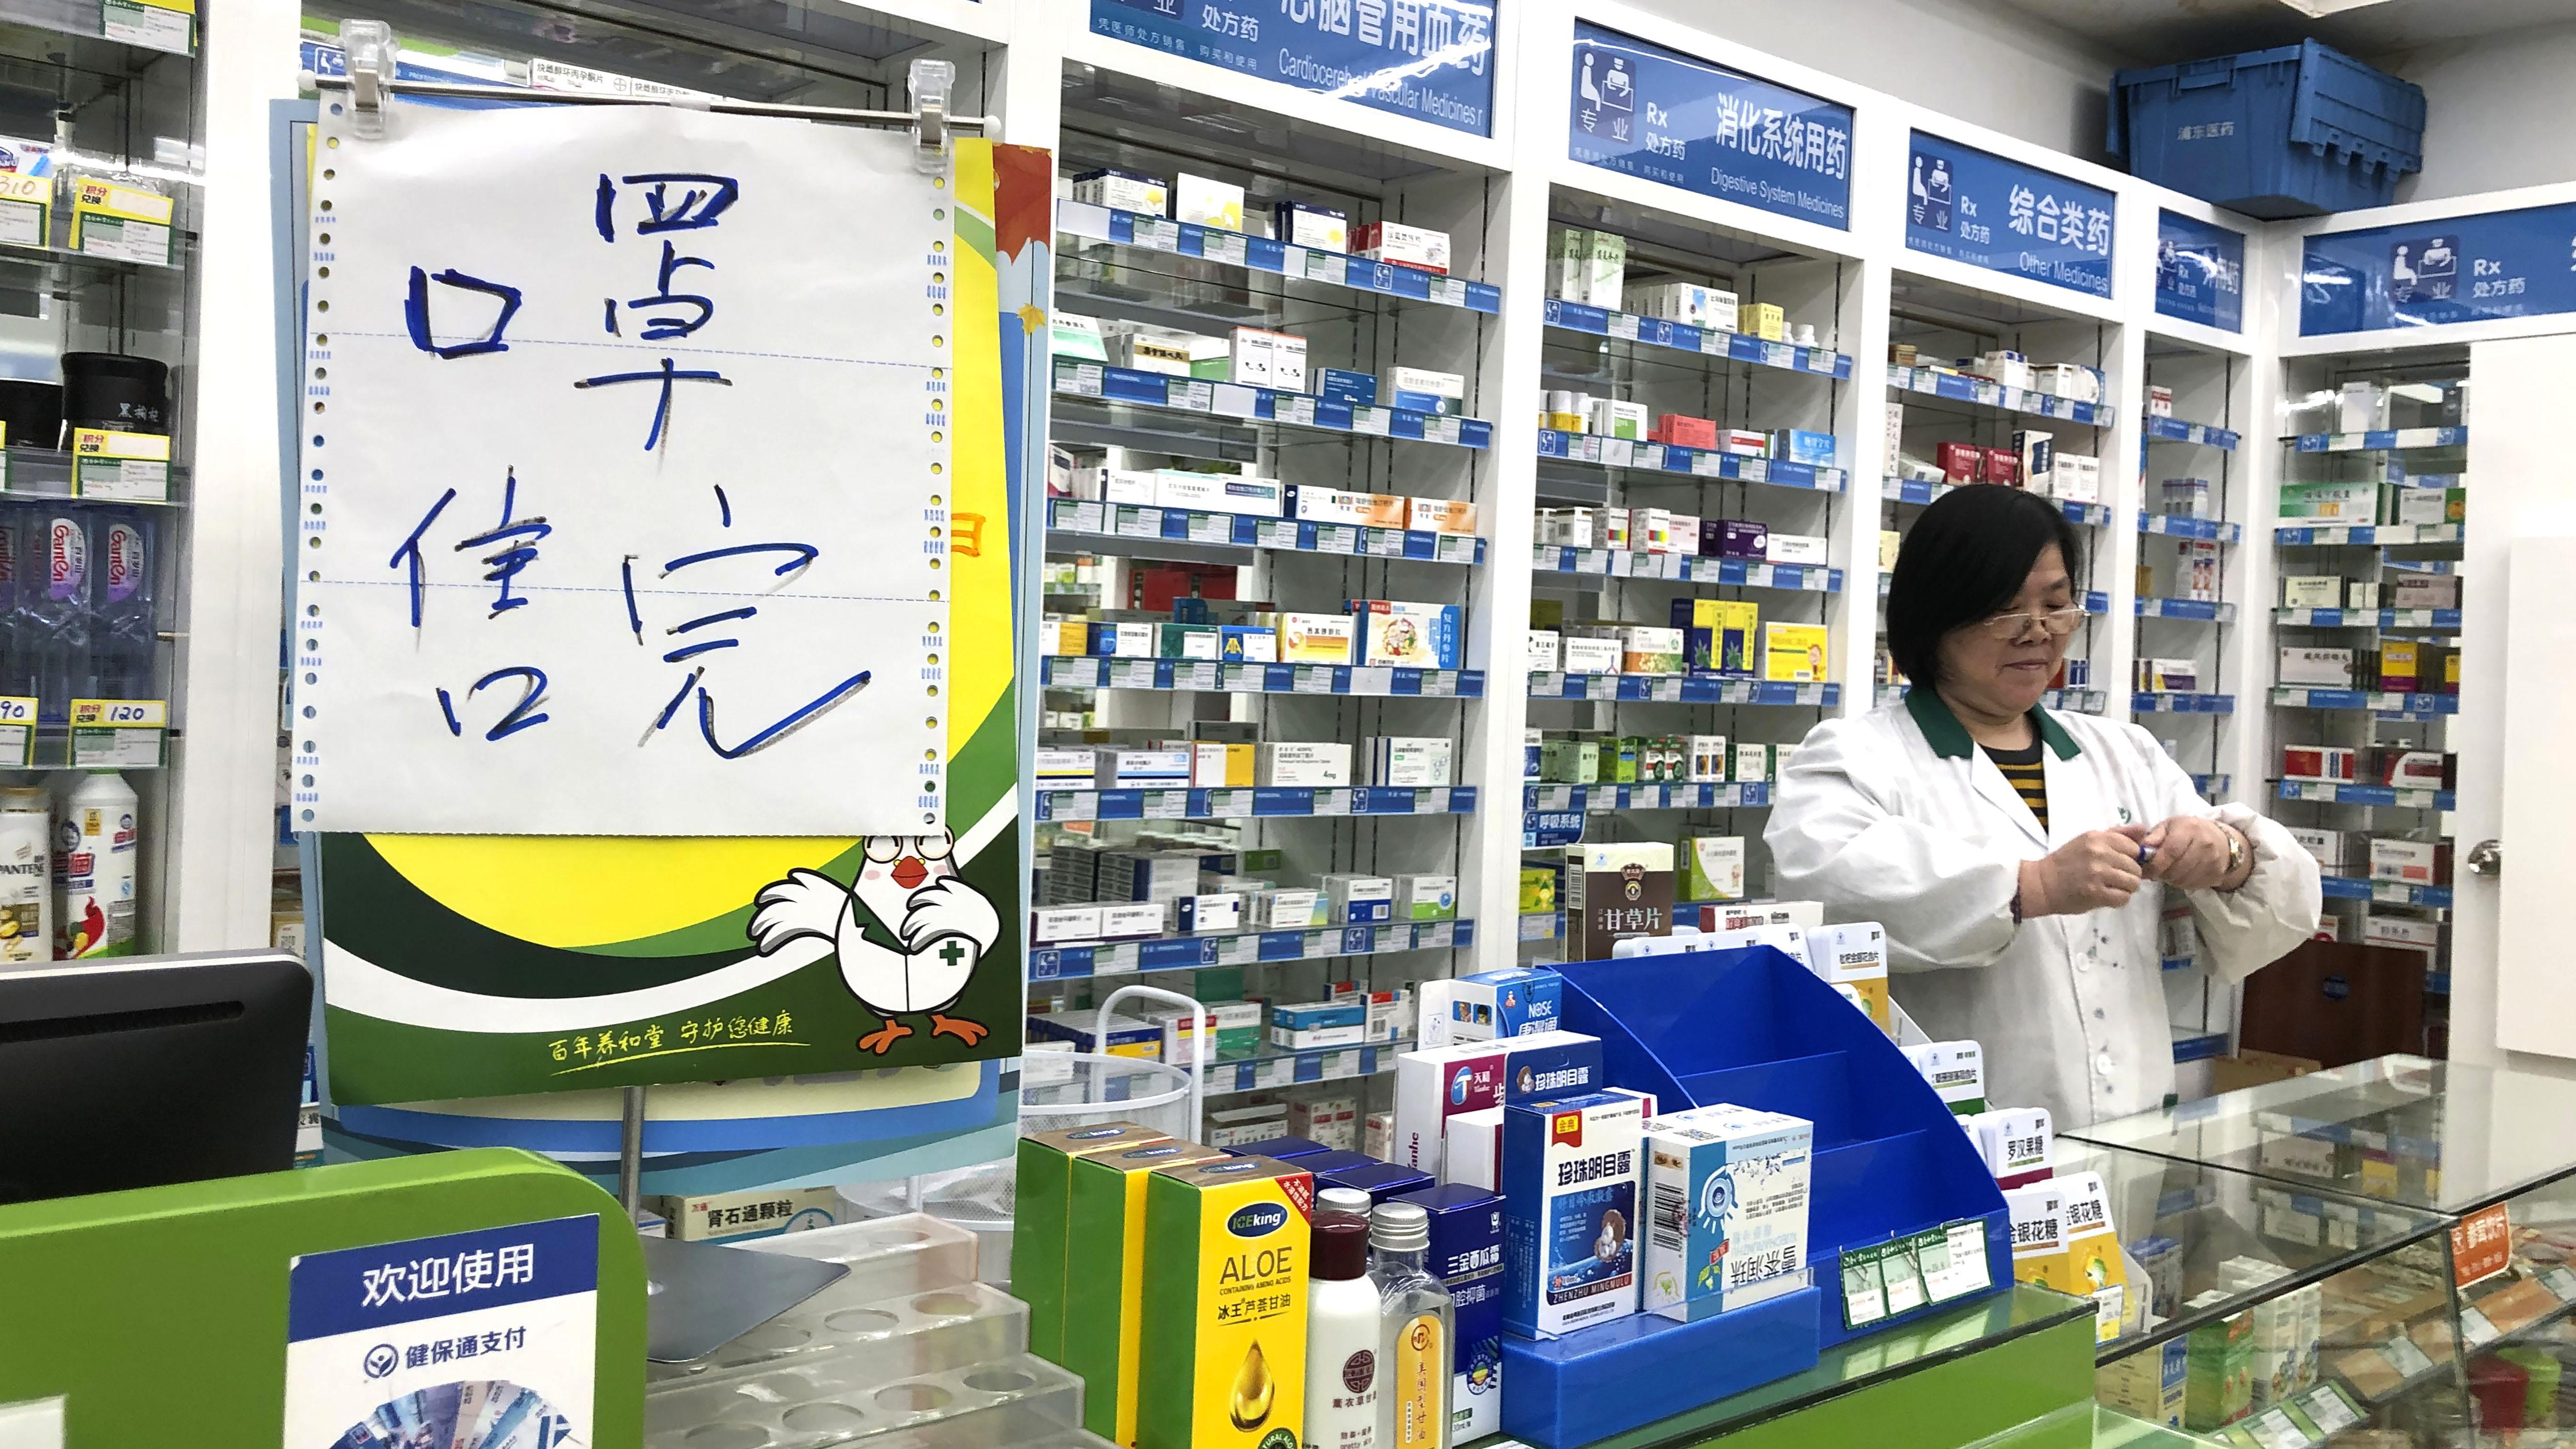 El farmacéutico Liu Zhuzhen se encuentra cerca de un letrero que dice